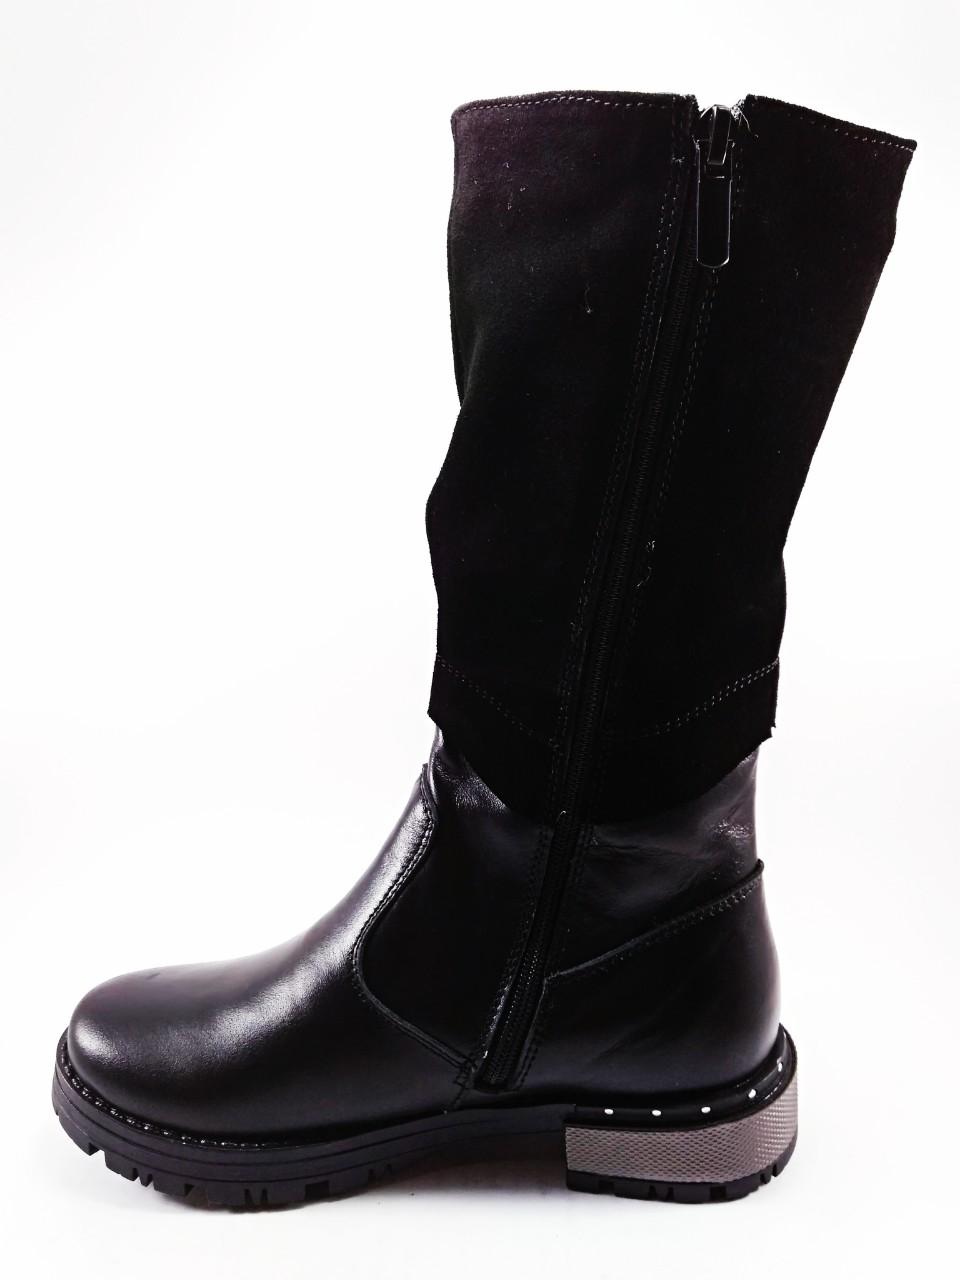 Взуття для дівчат  Чоботи зимові шкіряні чорні 30-38 1deed9b723b47